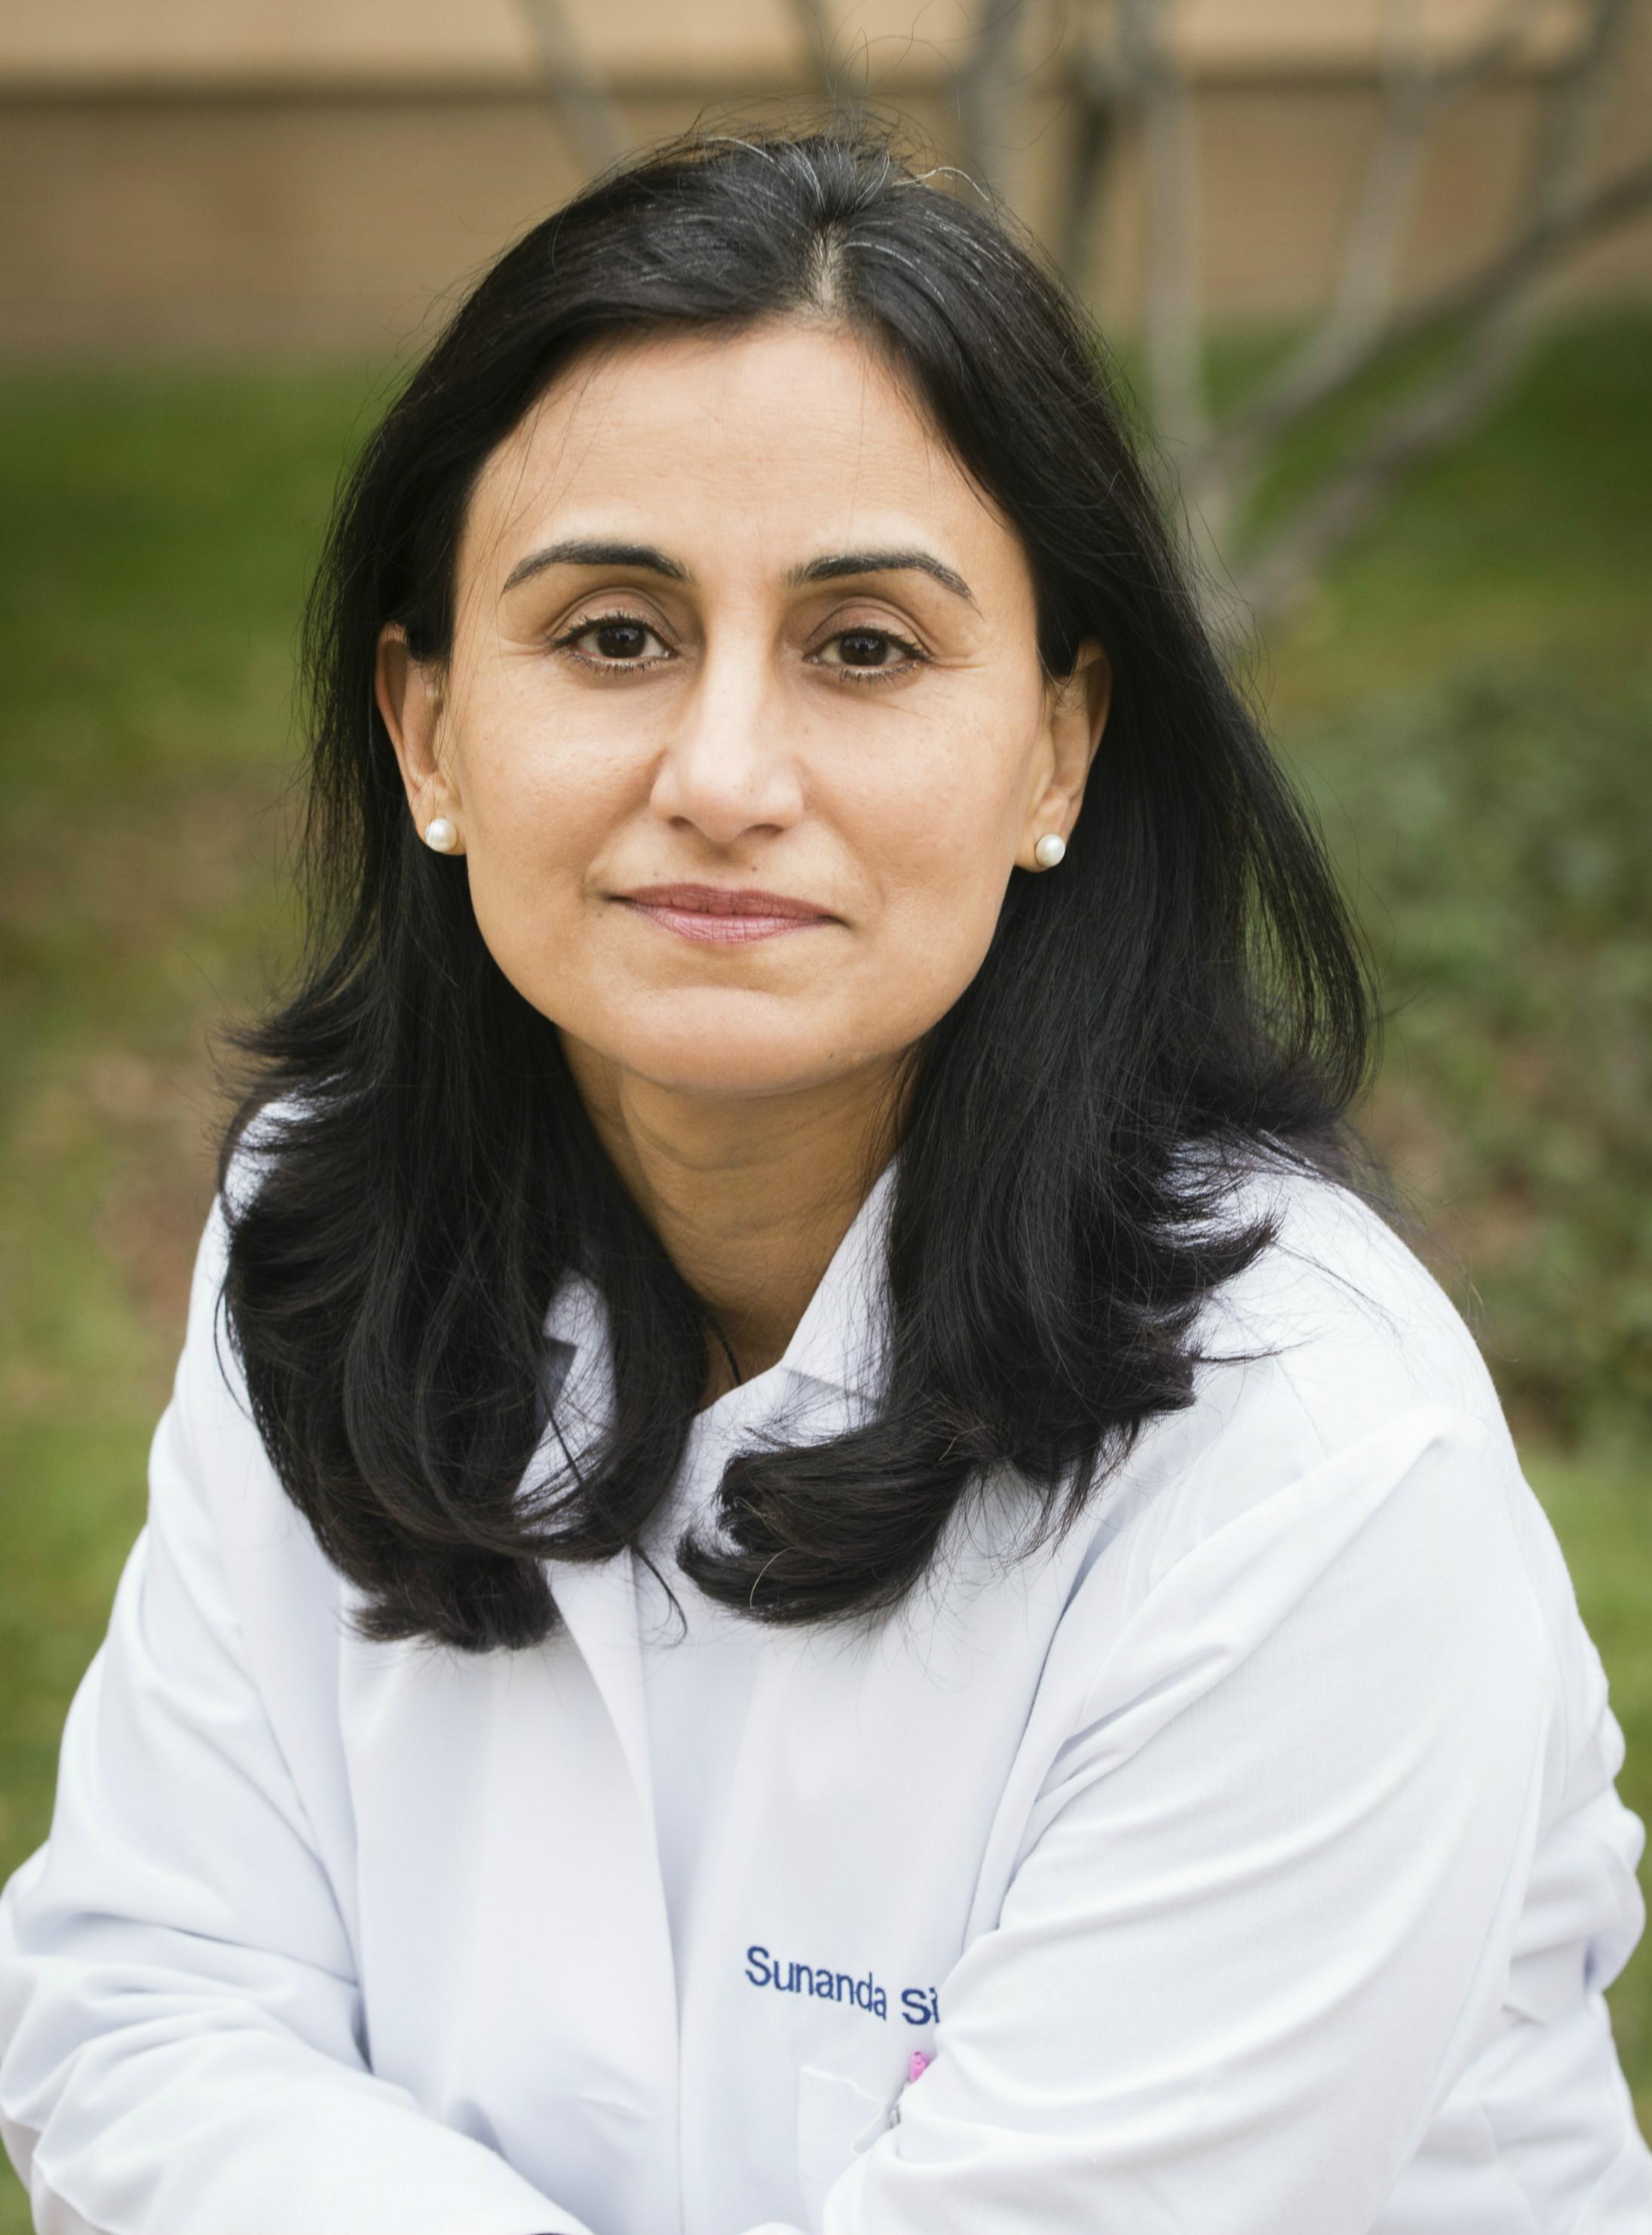 Sunanda Sindhwani MD